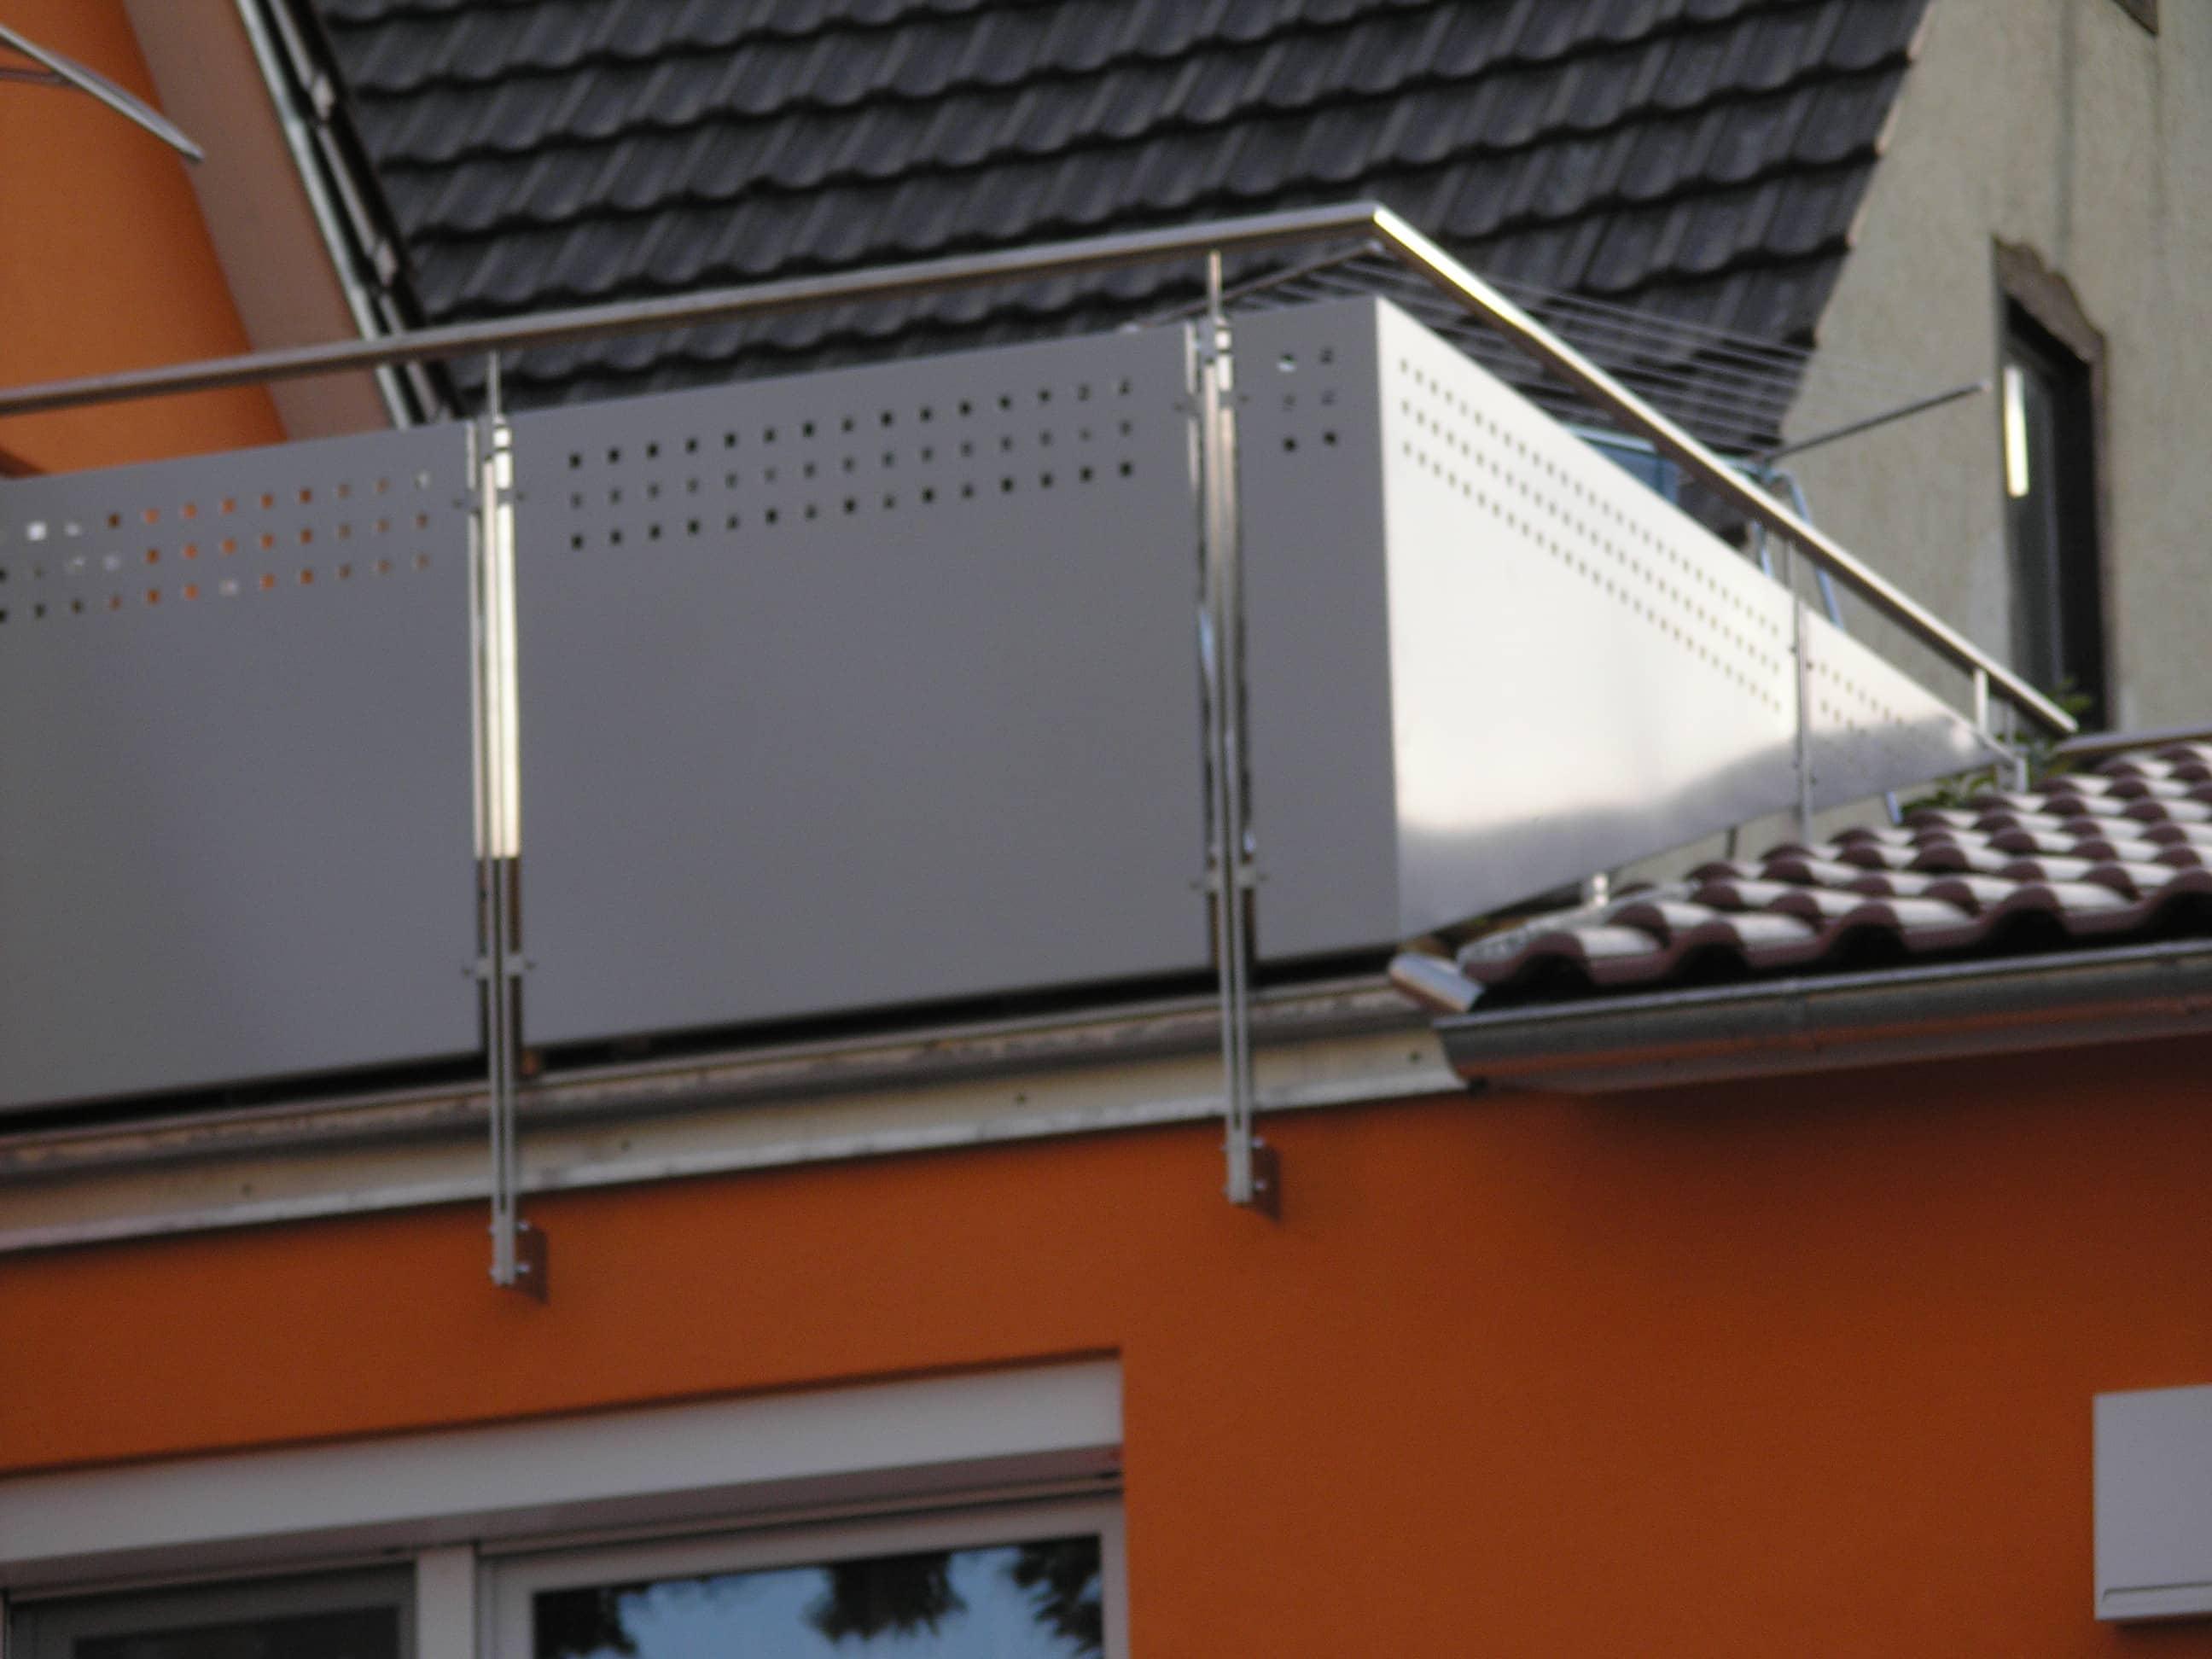 Balkongeländer mit Edelstahlhandlauf von Metallbau Häusler